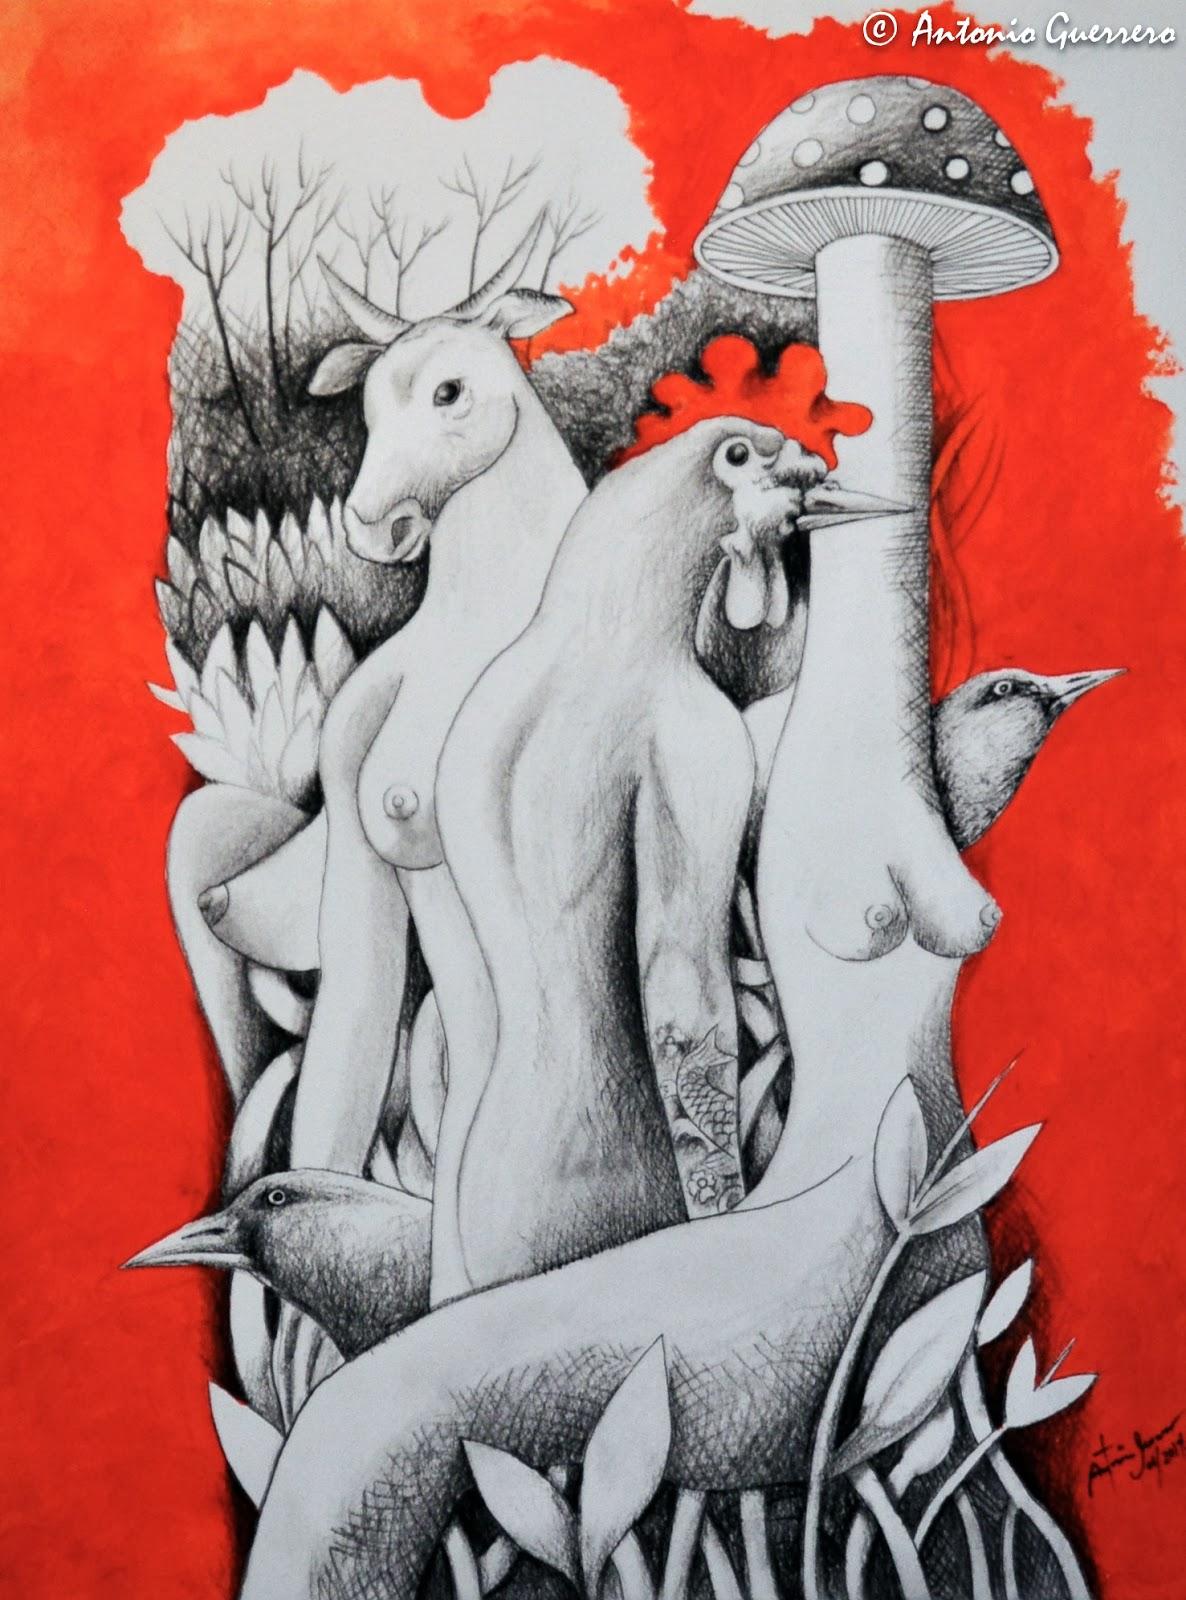 Antonio Guerrero. Nudes Red Garden by Alberto Mendez